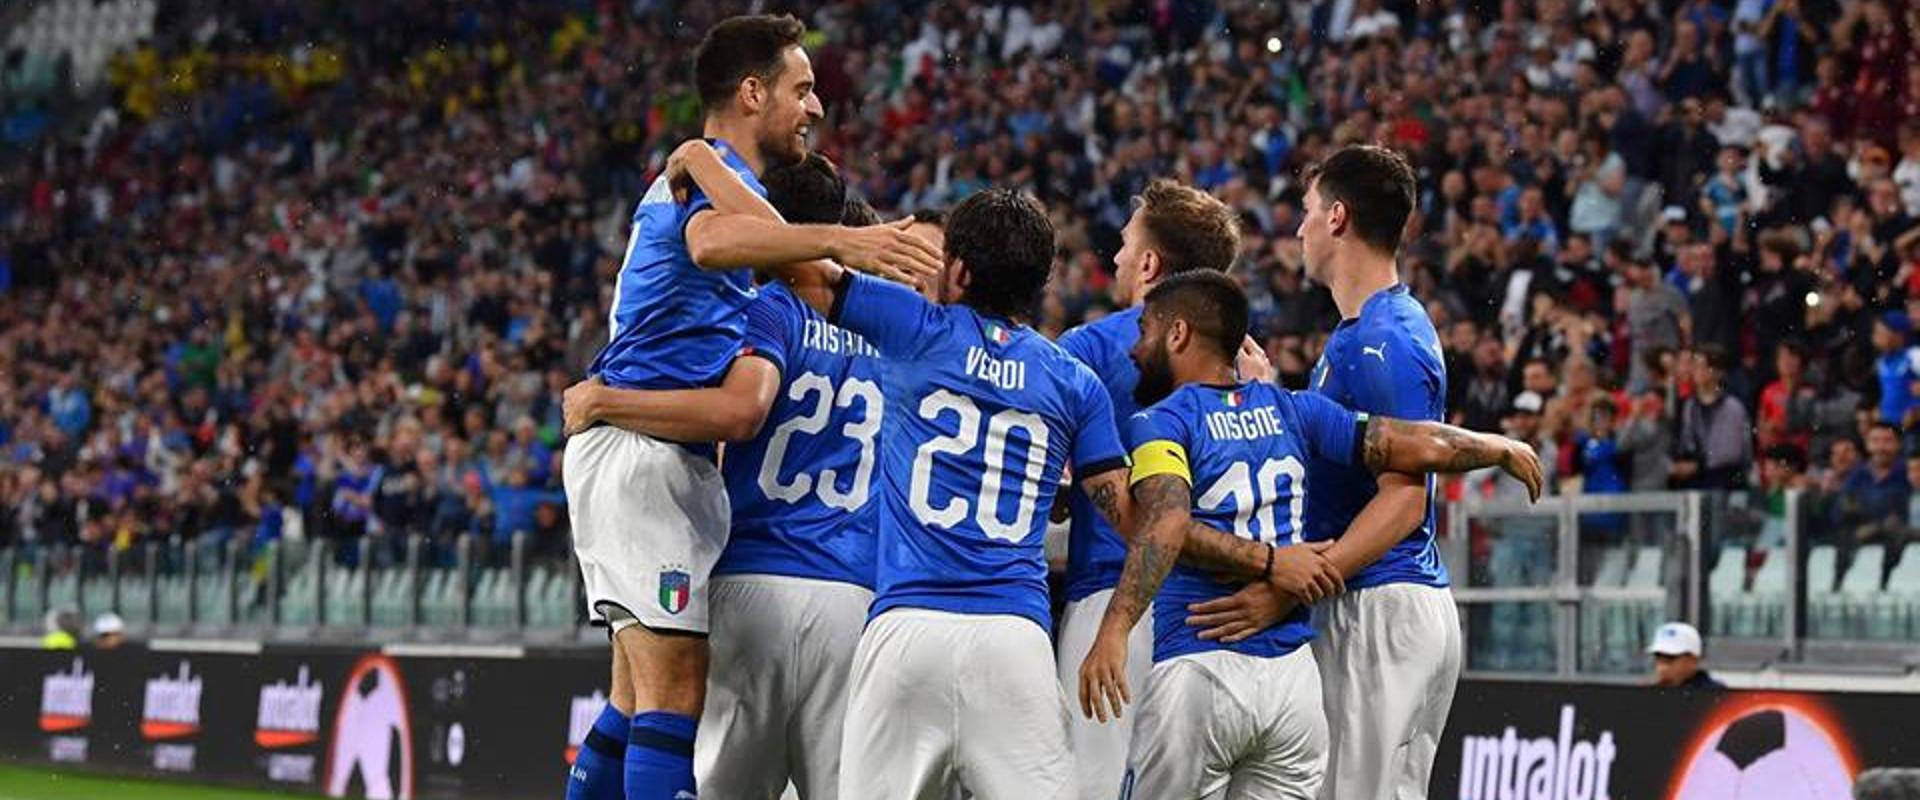 Dalla pagina Facebook di Nazionale Italiana di Calcio